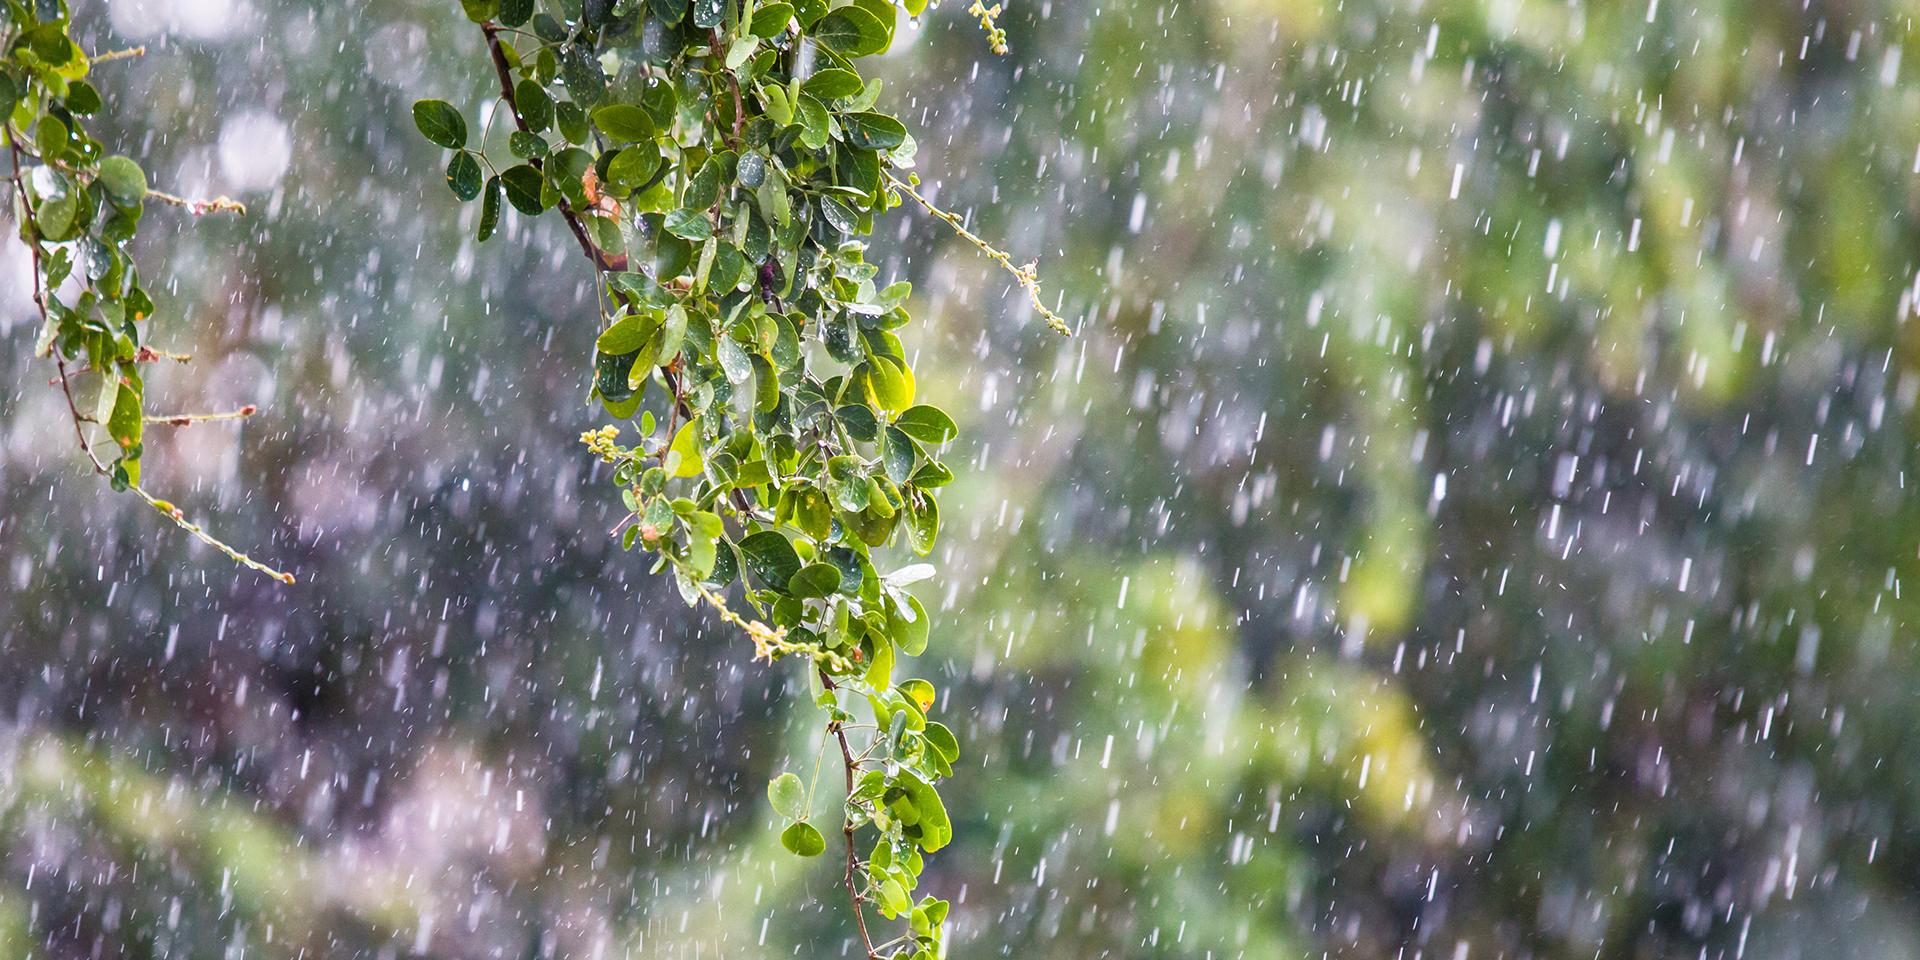 Αλλάζει το σκηνικό του καιρού – Έρχονται βροχές και καταιγίδες από το μεσημέρι